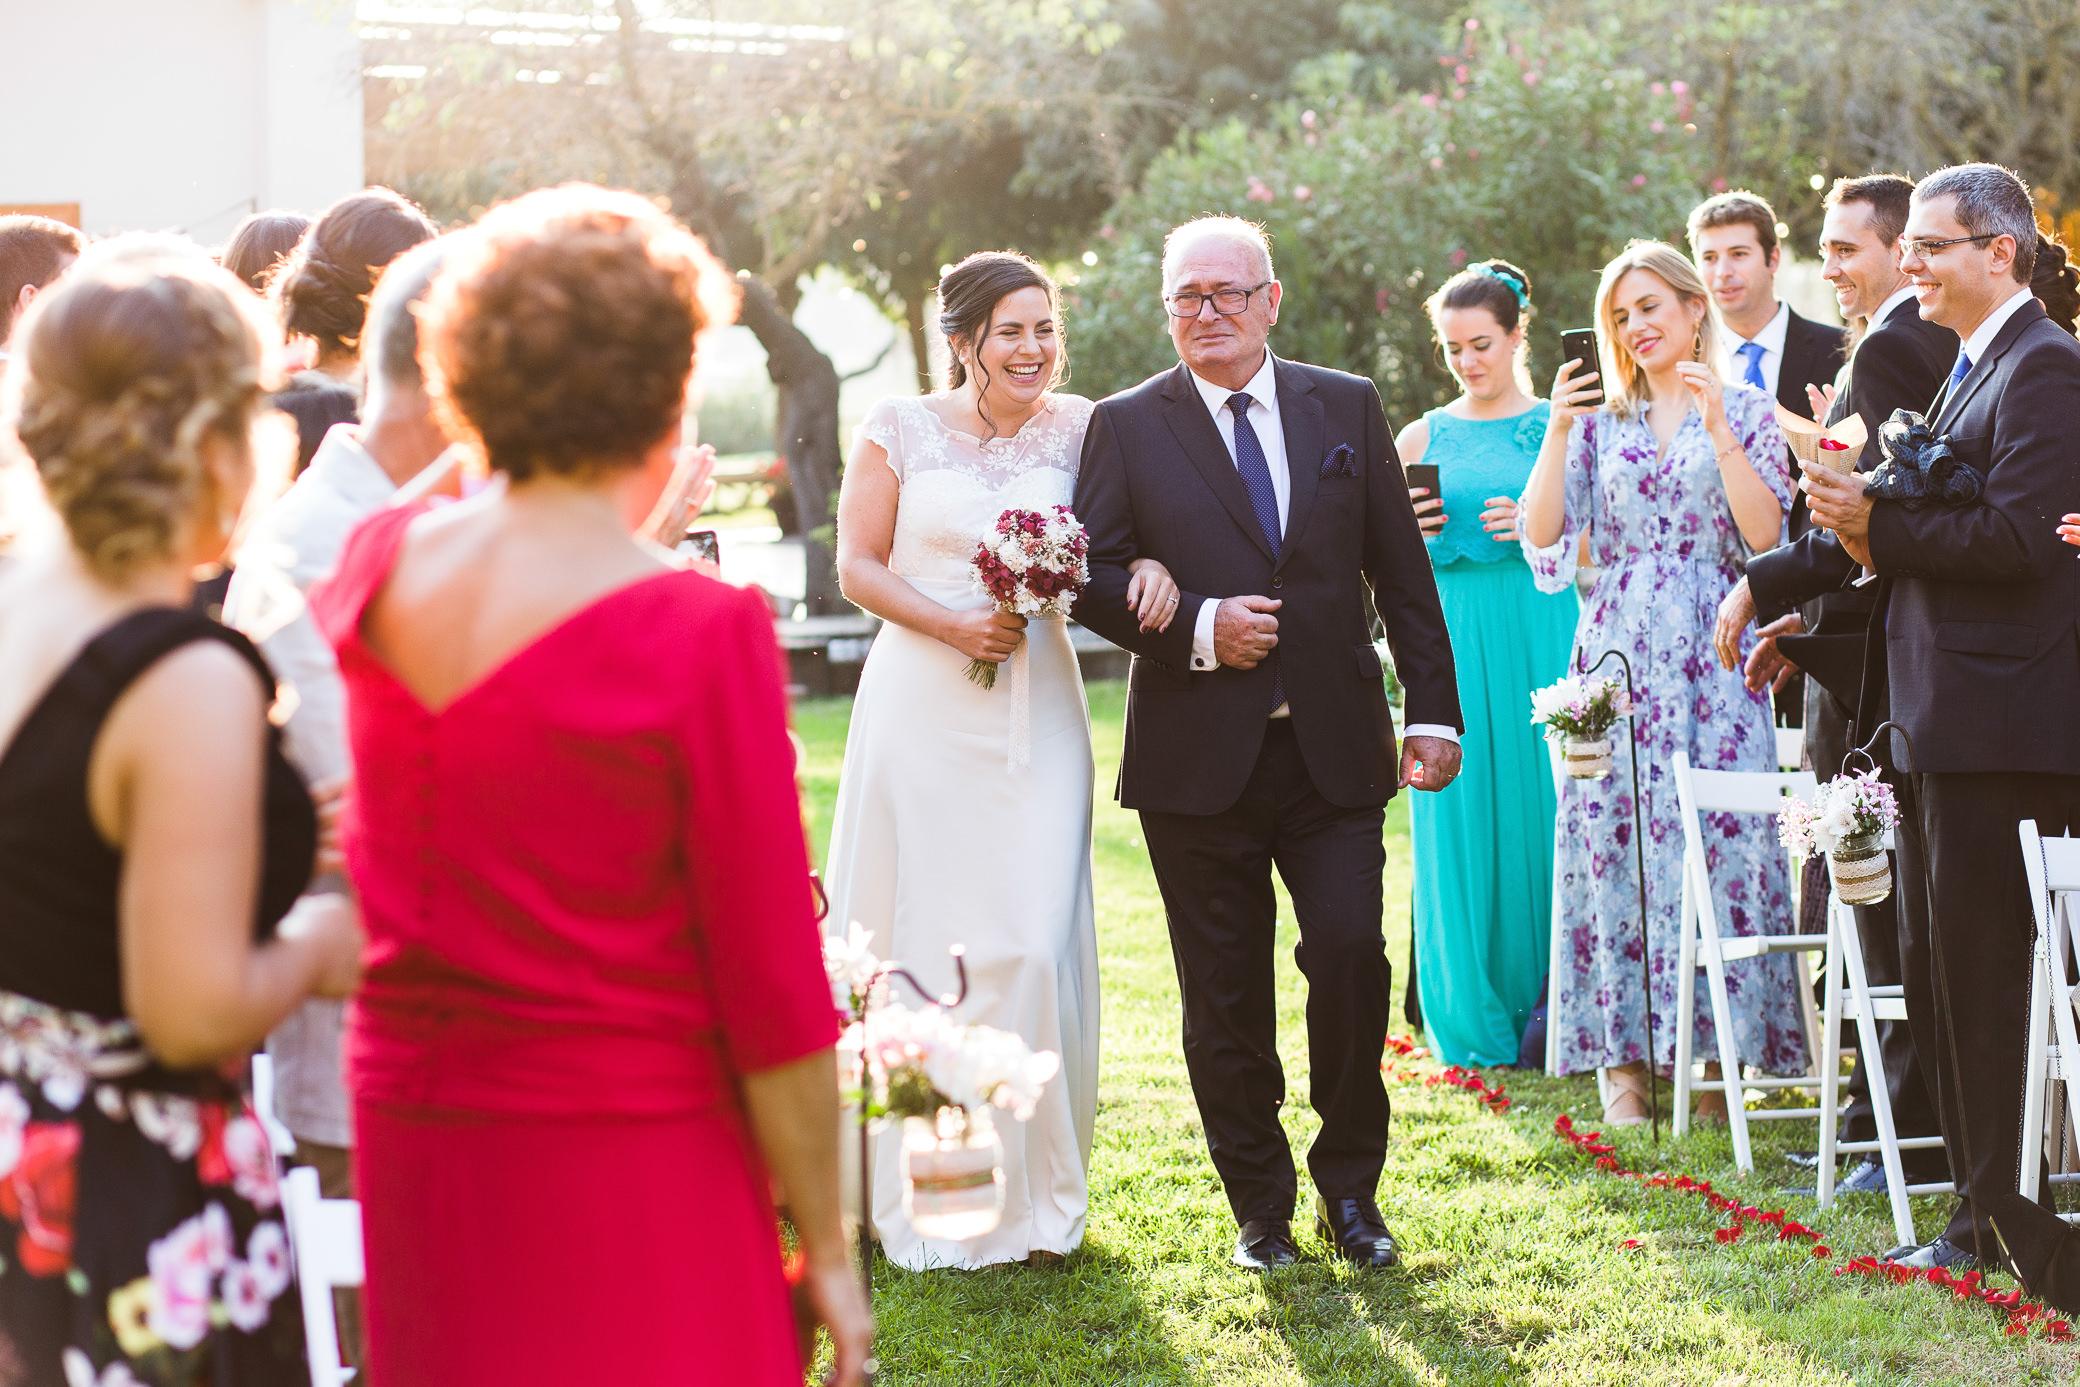 boda-espai-gastronomia-can-macia-photografeel-18.jpg